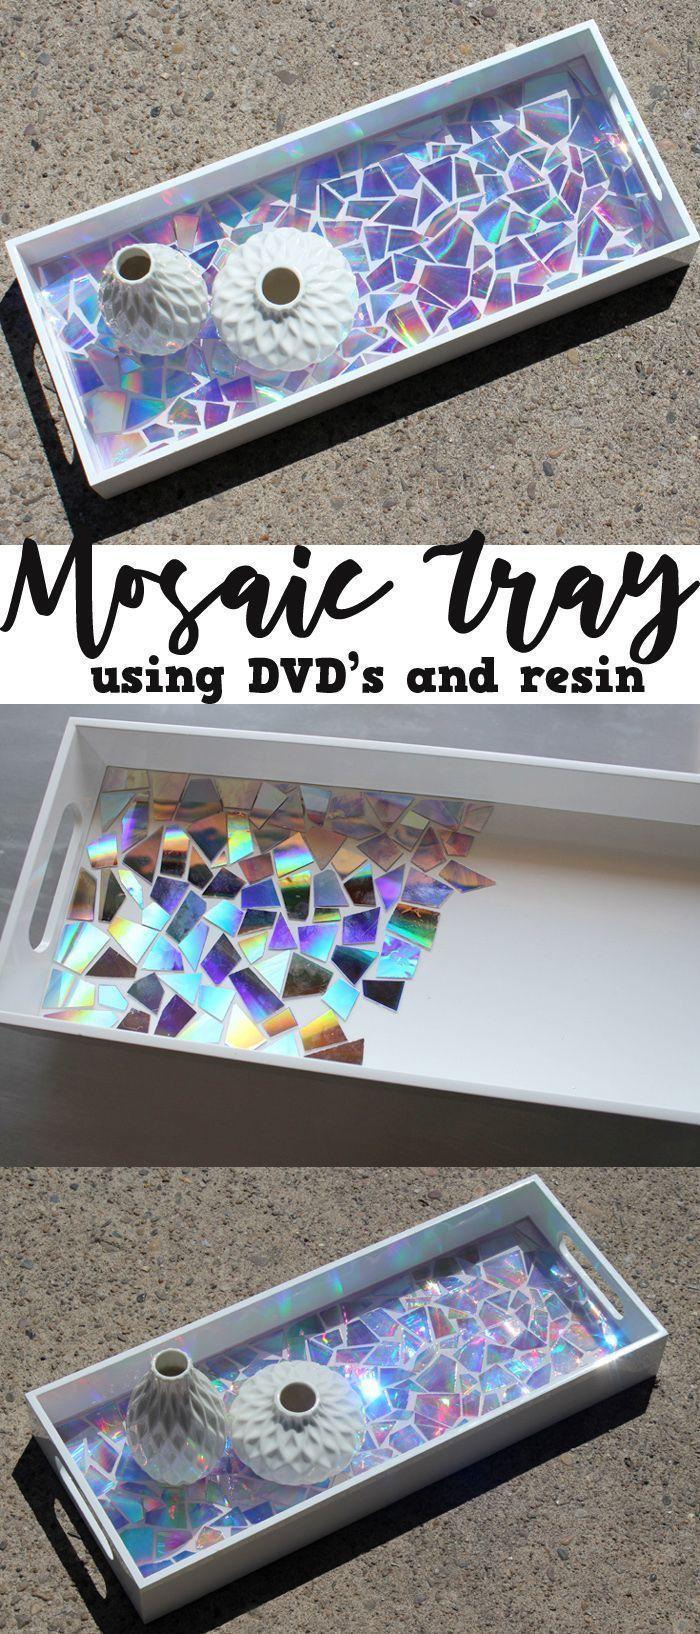 Dieses DVD-Mosaik-Hochglanz-Tablett gibt eine Aussage ab! –  – #diymöbel